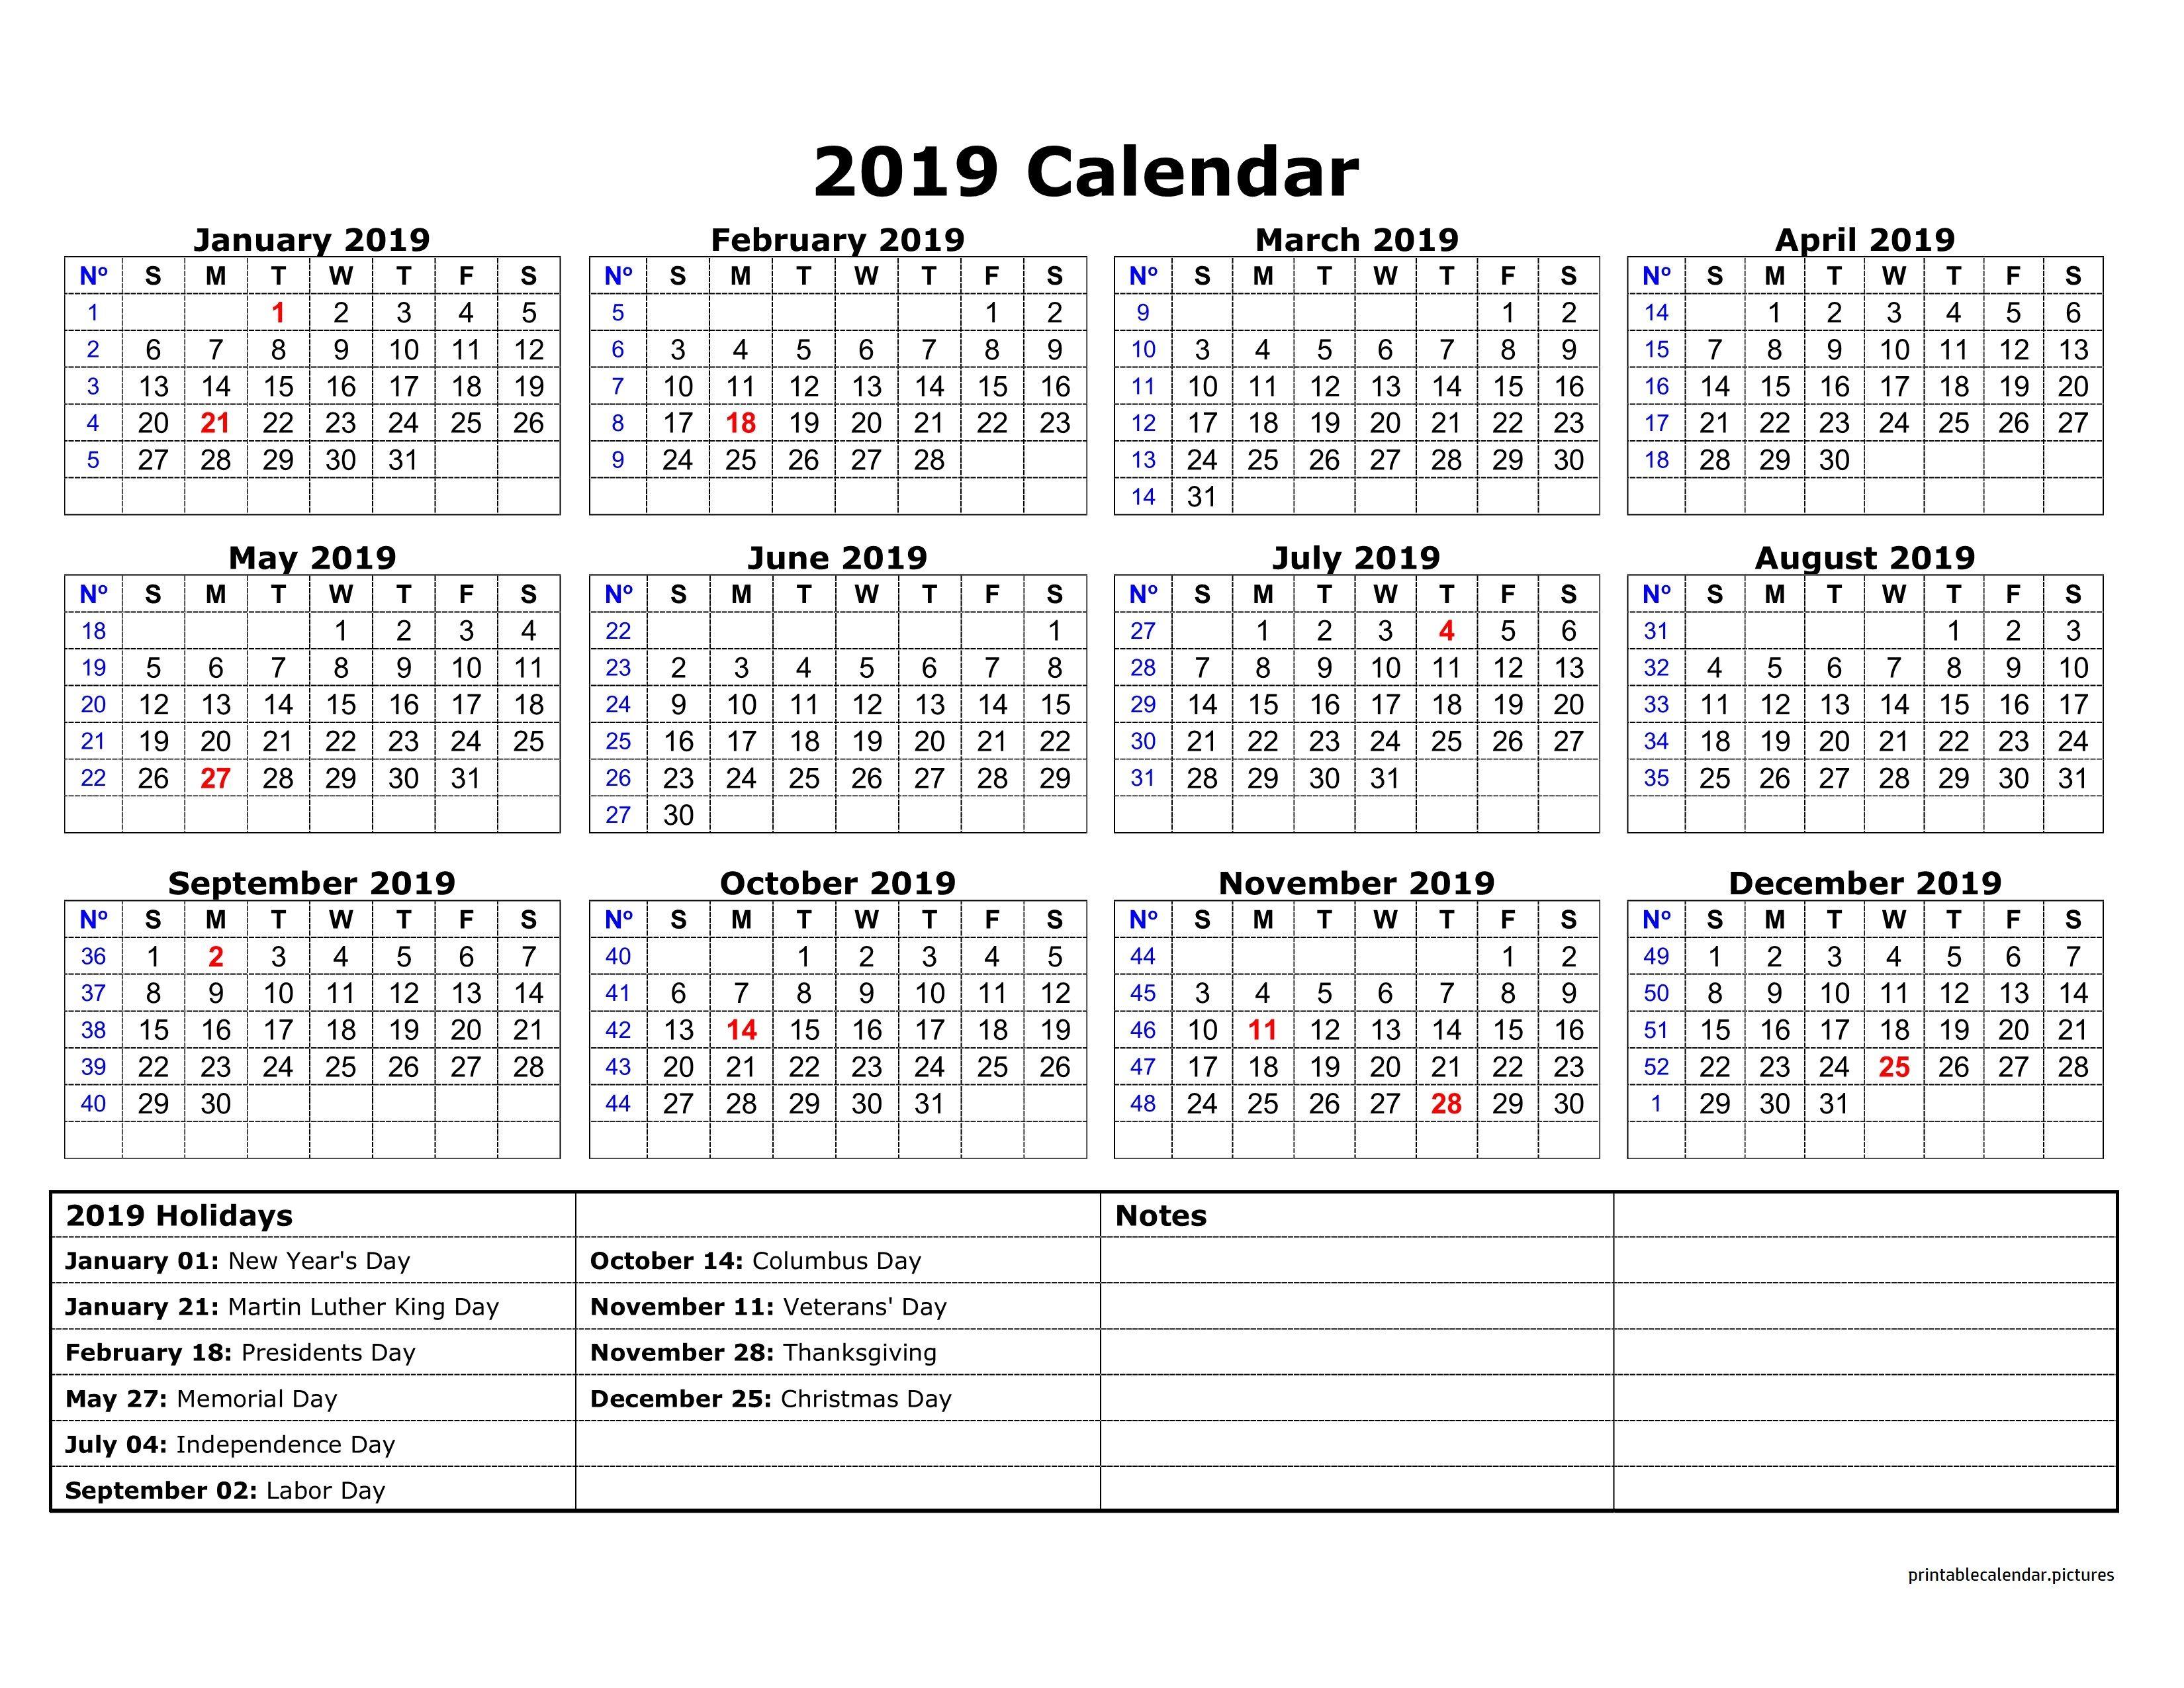 2019 Calendar Holidays Australia Calendar printables